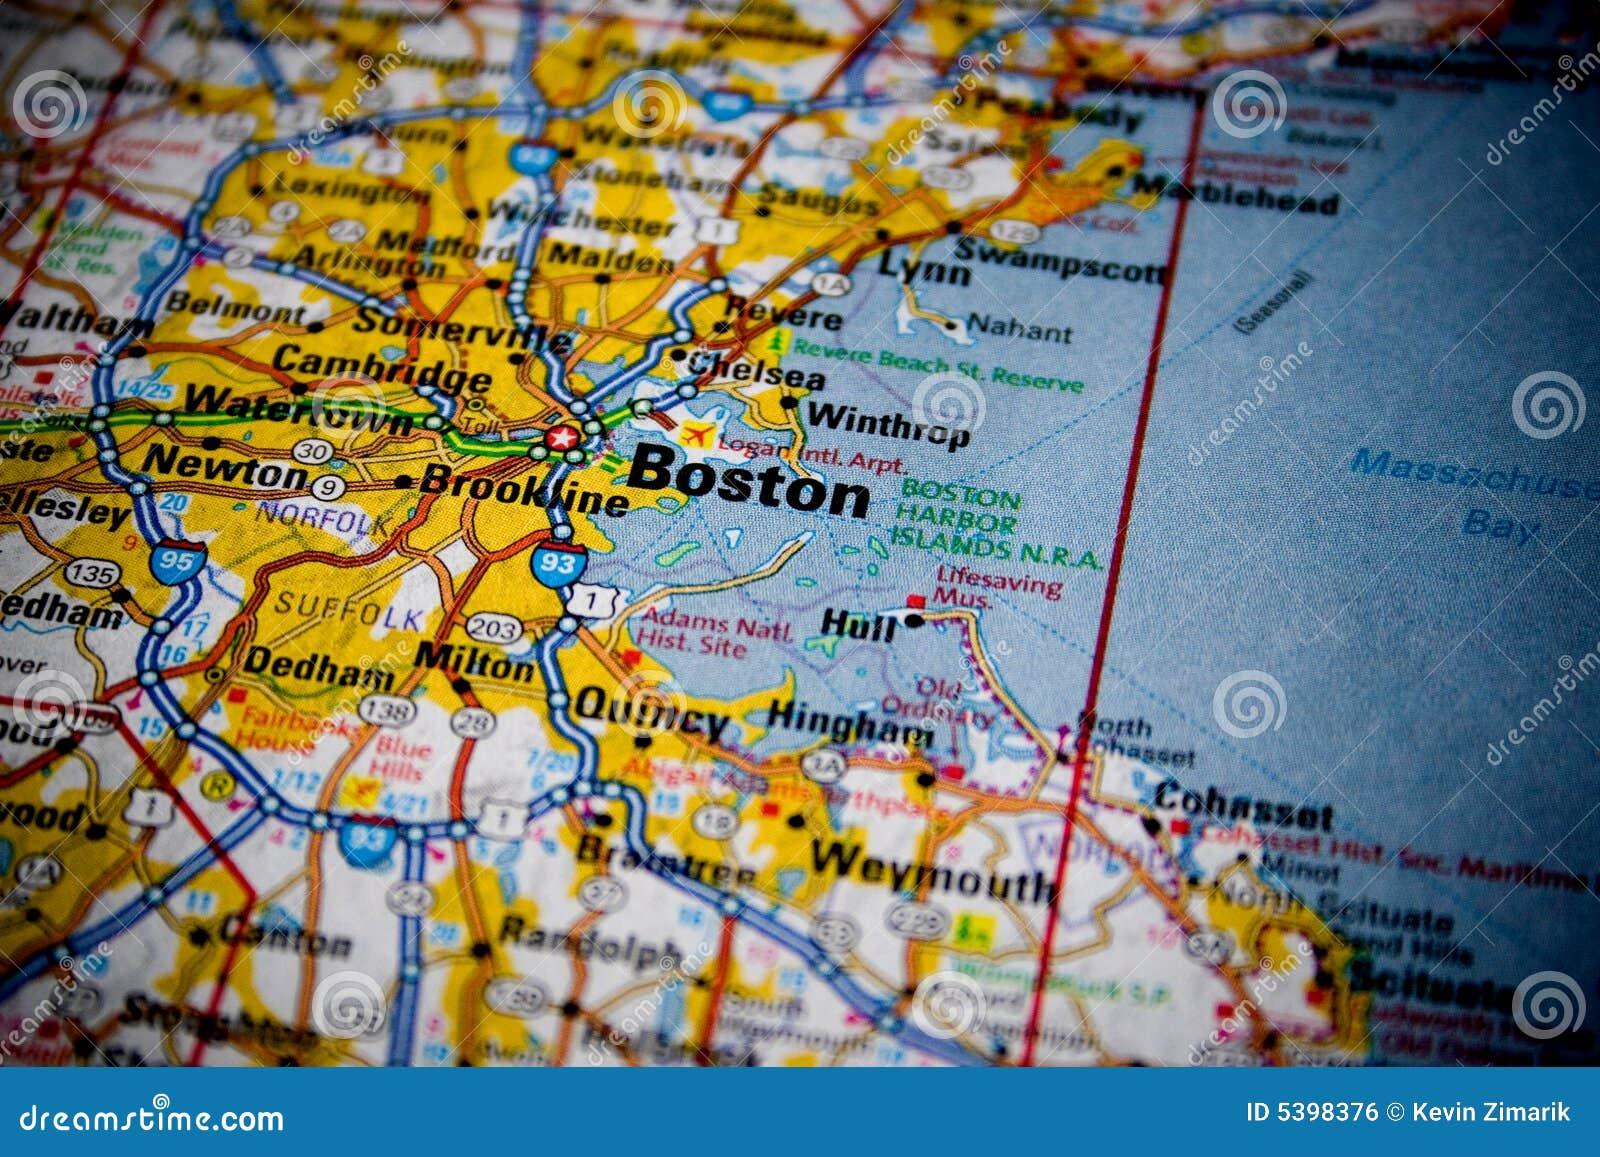 波士顿映射